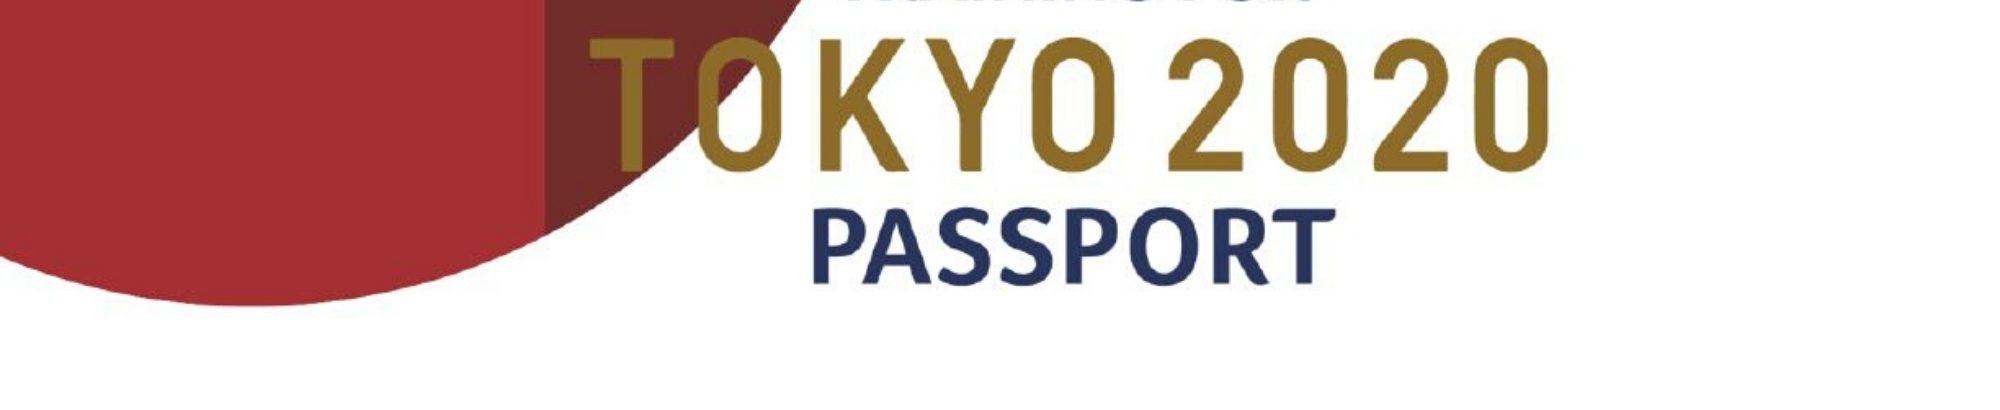 Tokyo Passport